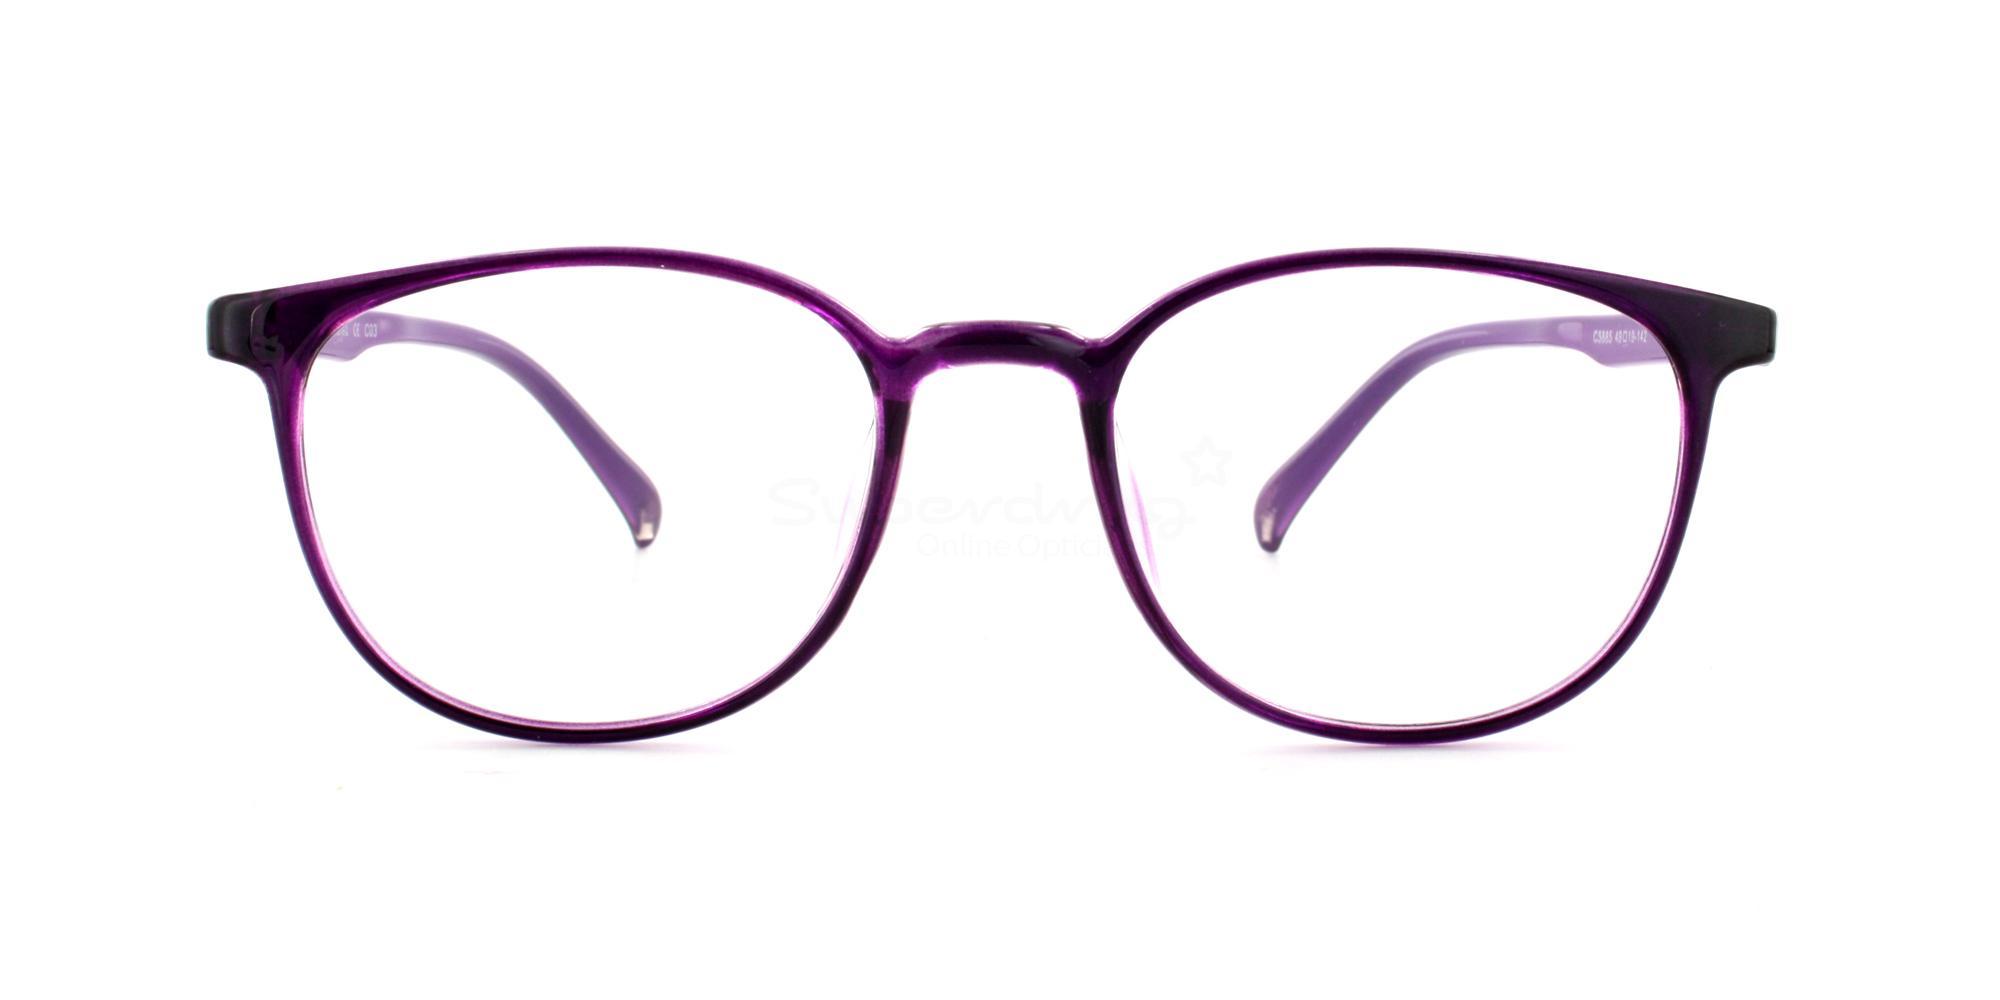 C3 5885 Glasses, Helium